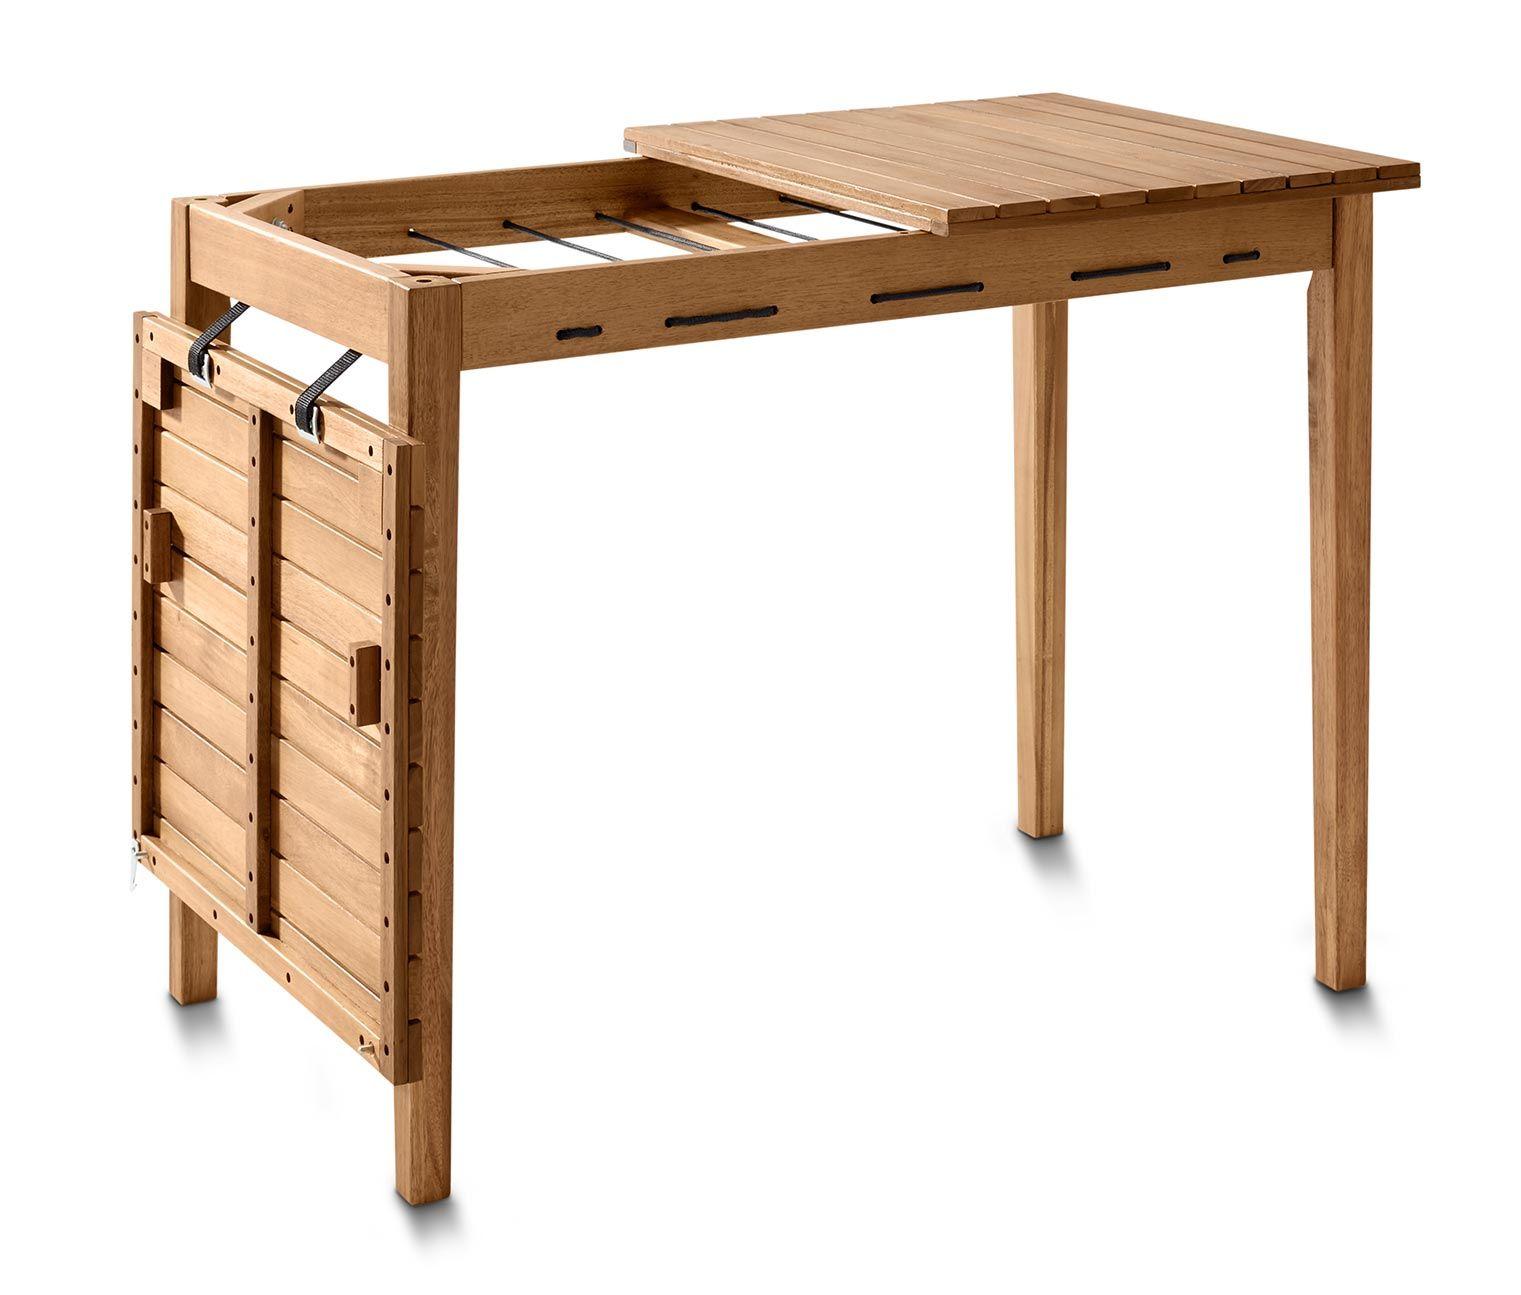 Tisch mit Wäscheständer | Wäscheständer, Gartenmöbel